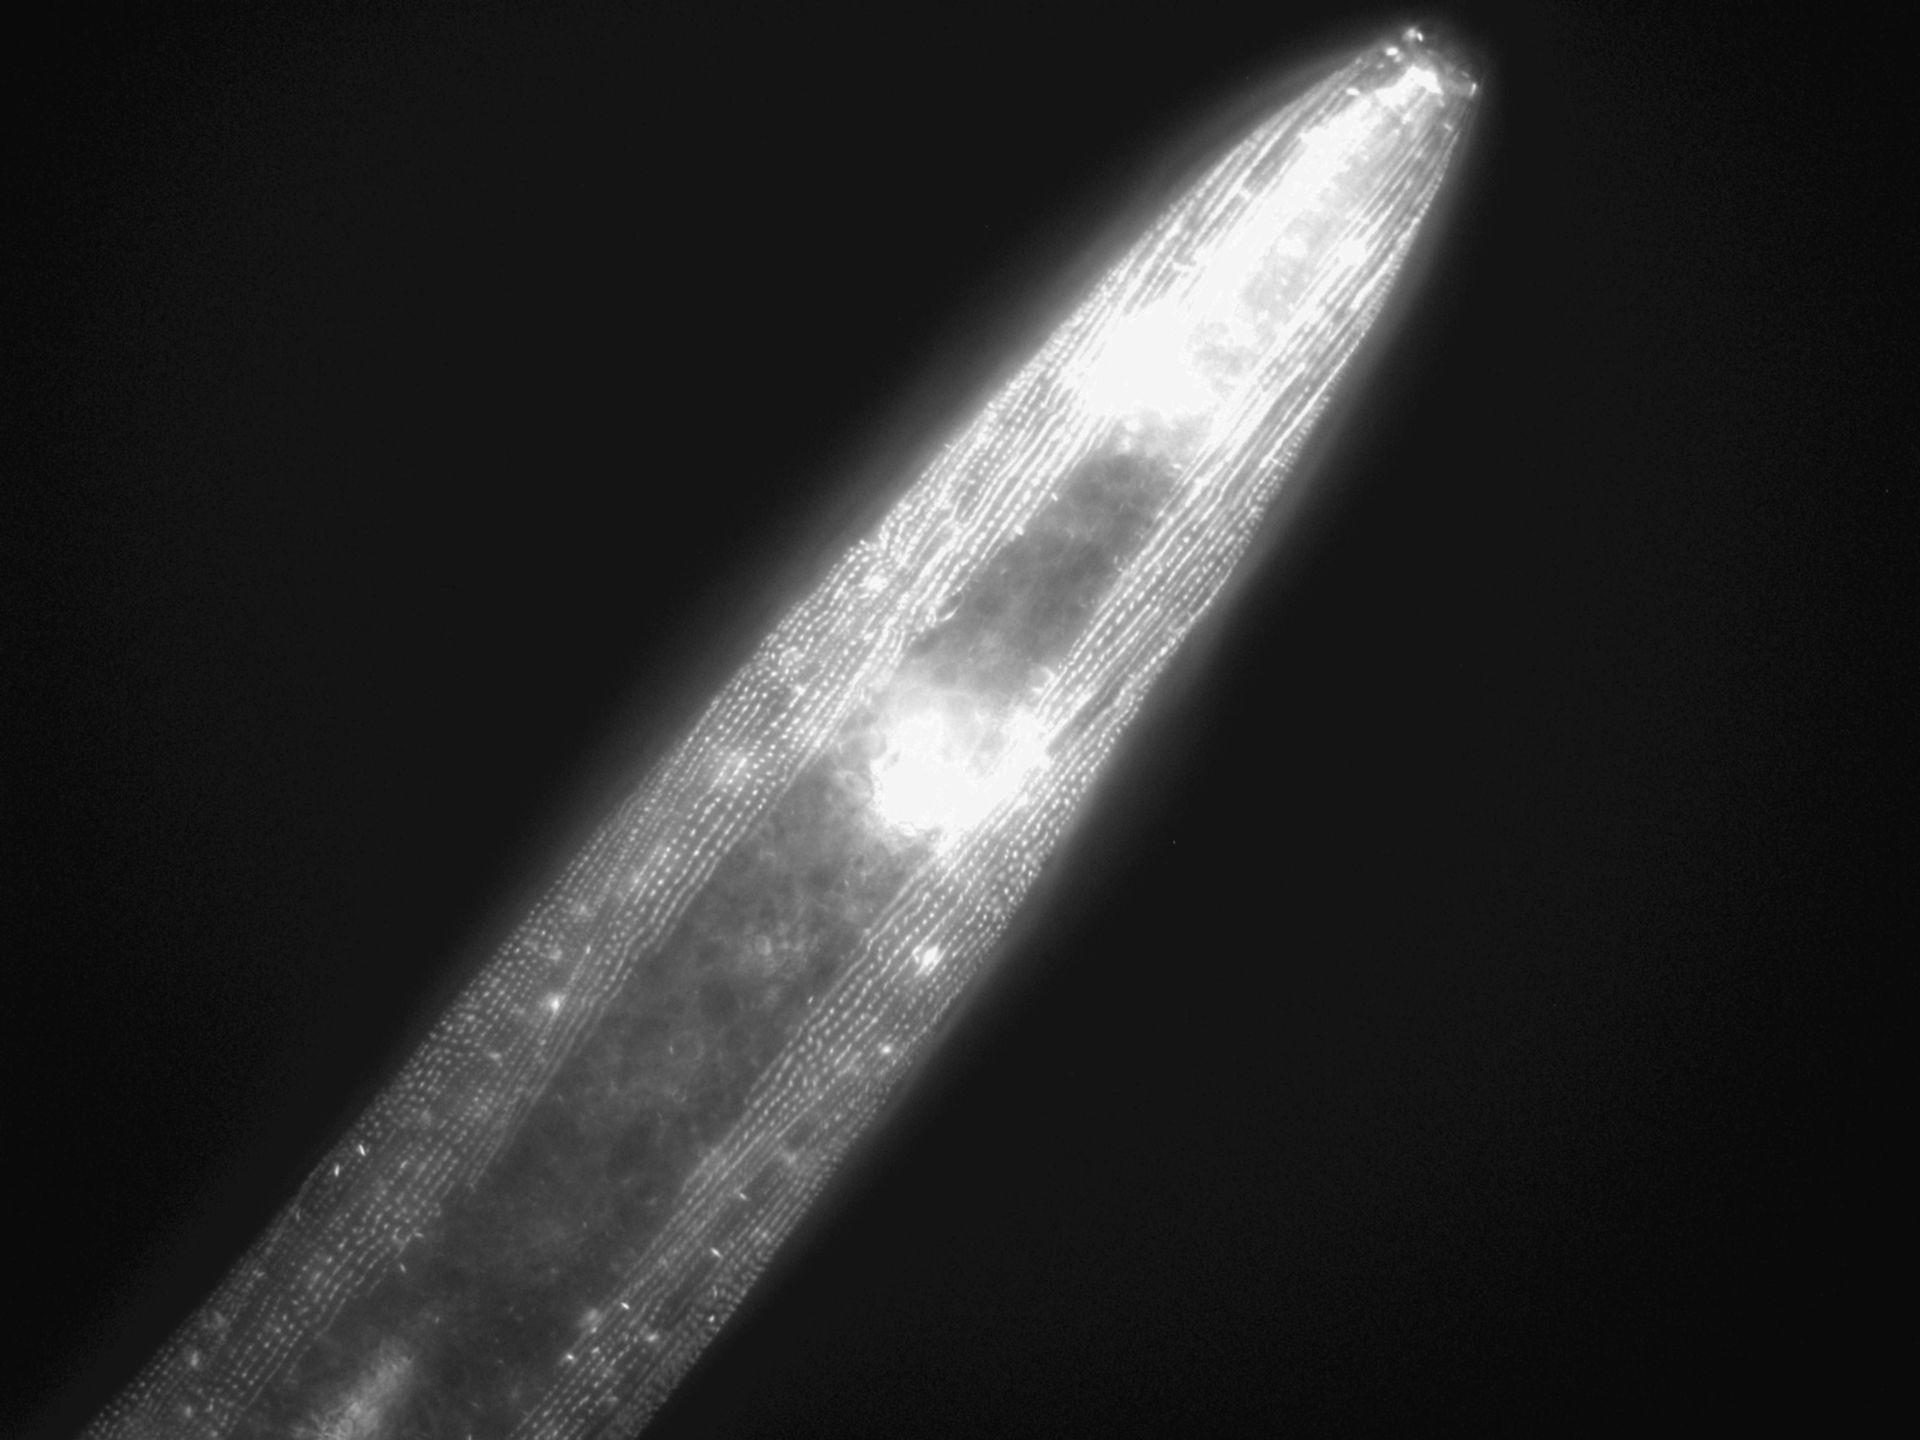 Caenorhabditis elegans (Actin filament) - CIL:1031